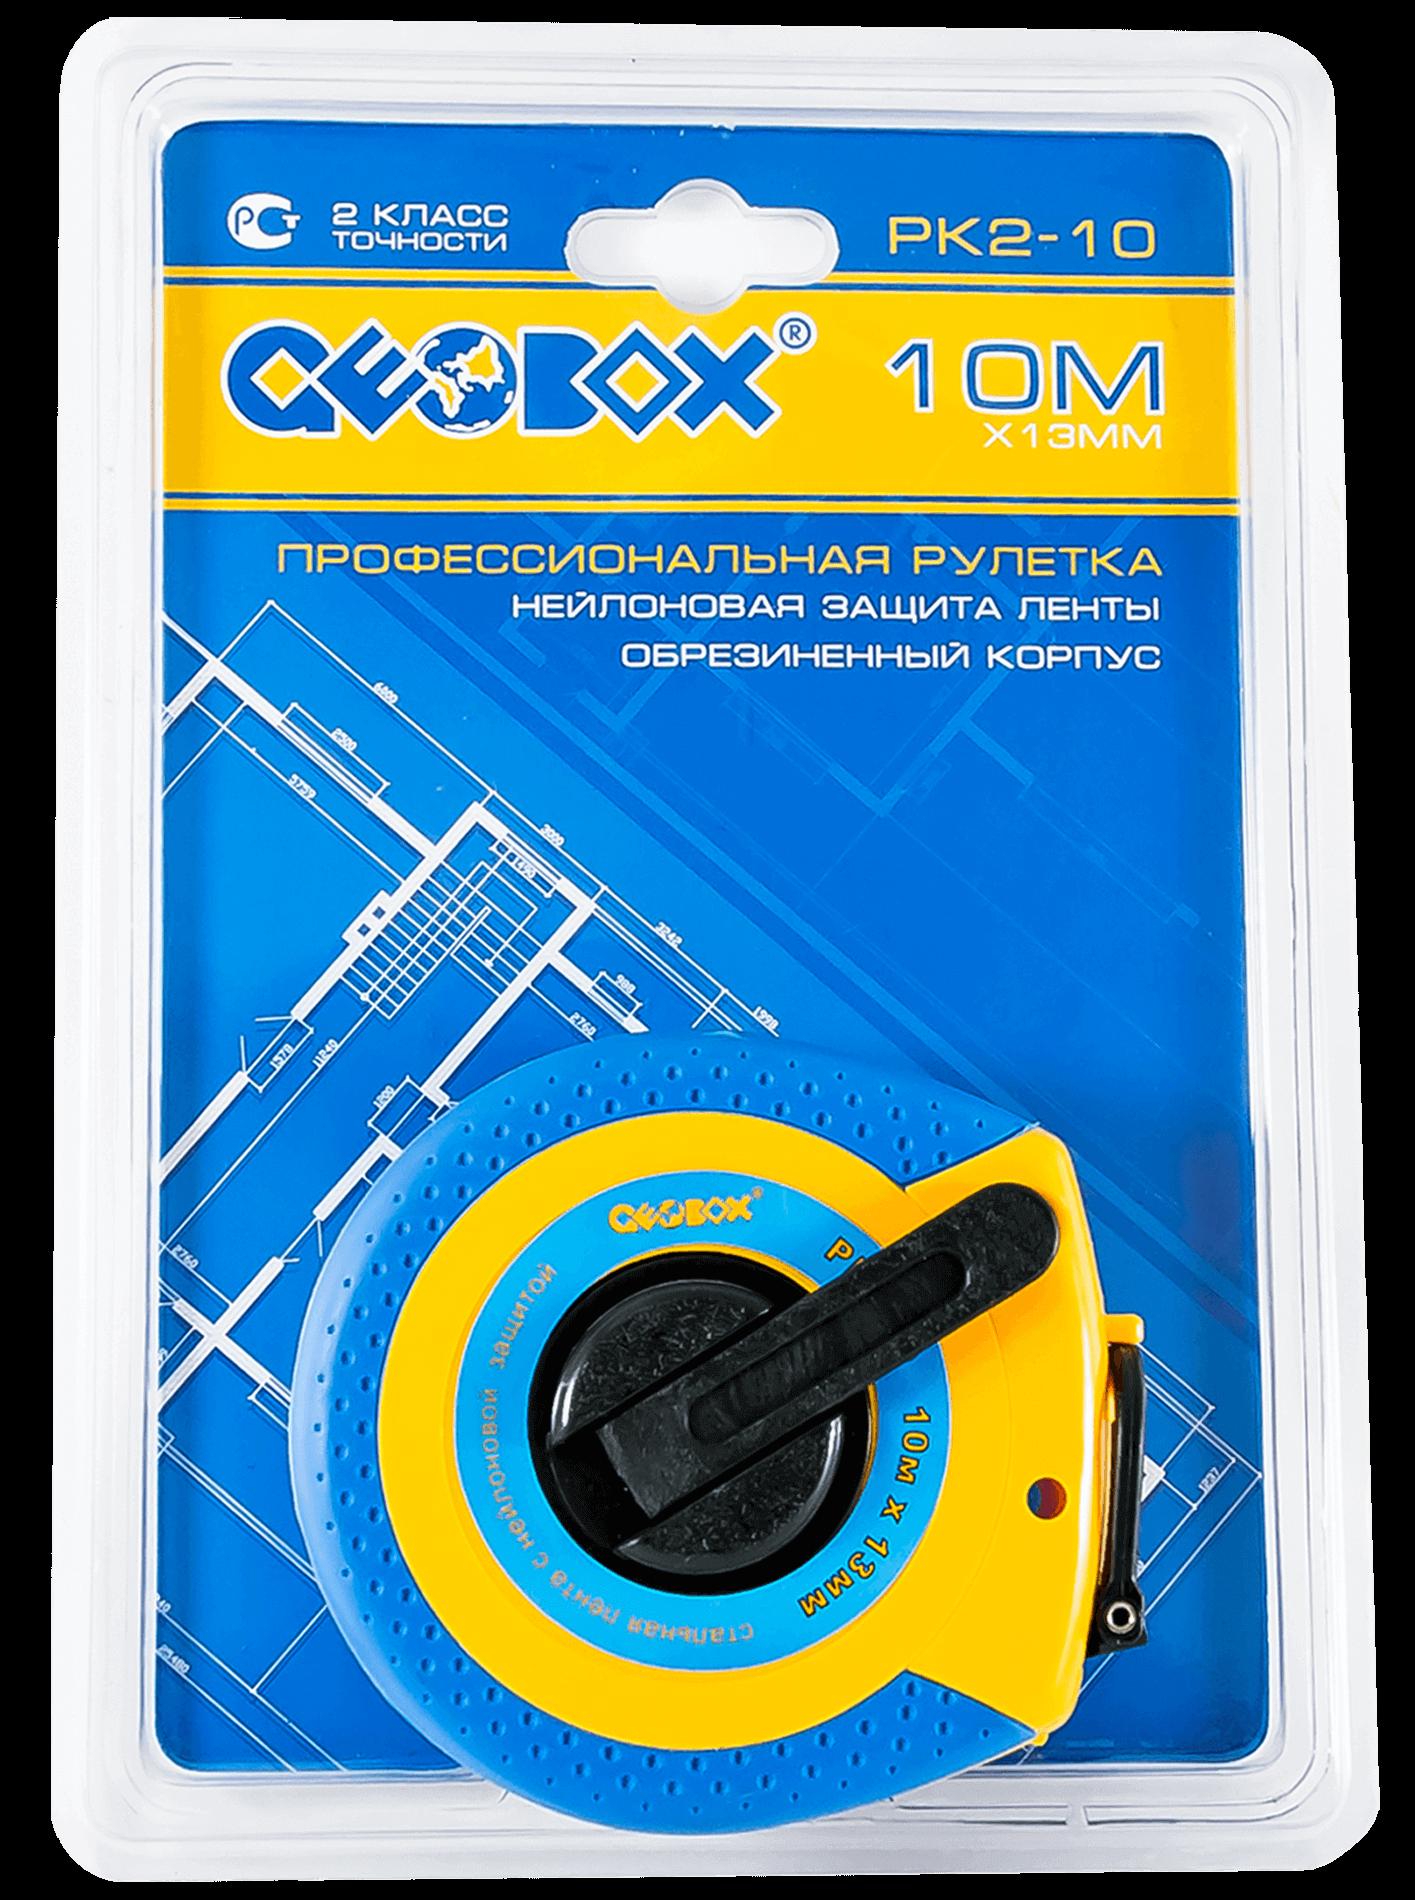 Рулетка geobox рк2-10 детские игровые автоматы на развлекател